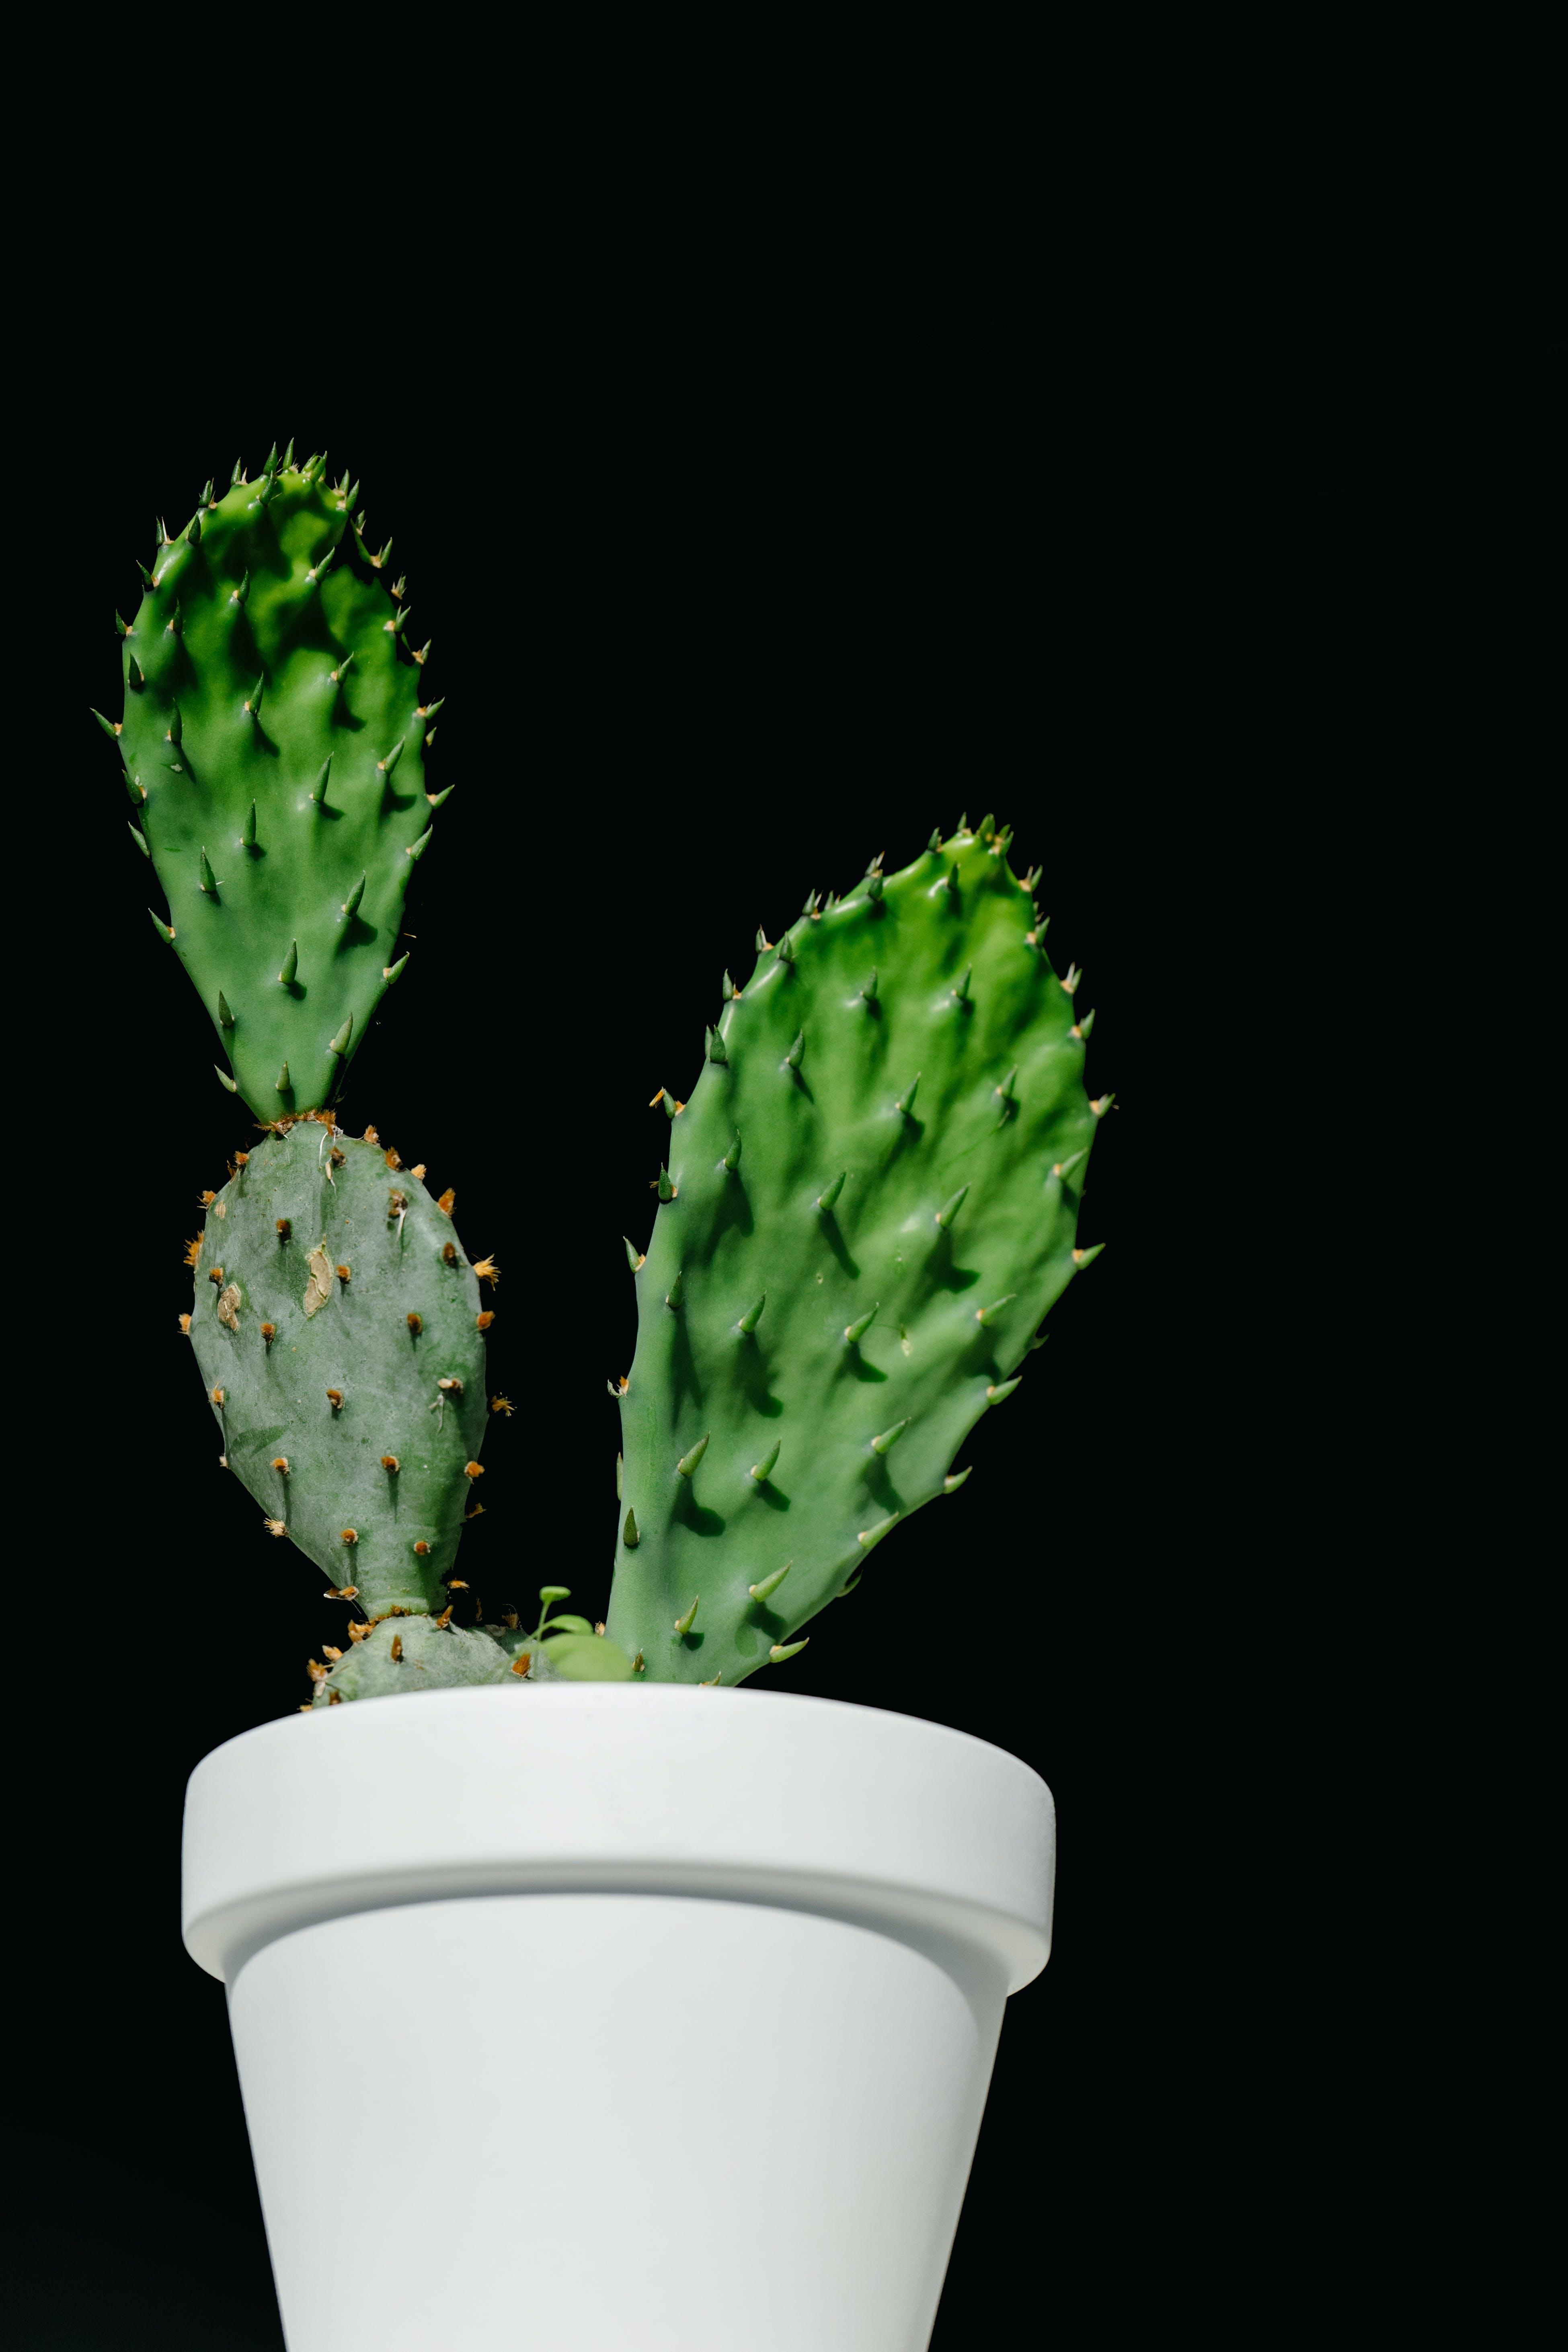 bitki, bitki örtüsü, büyüme, çiviler içeren Ücretsiz stok fotoğraf